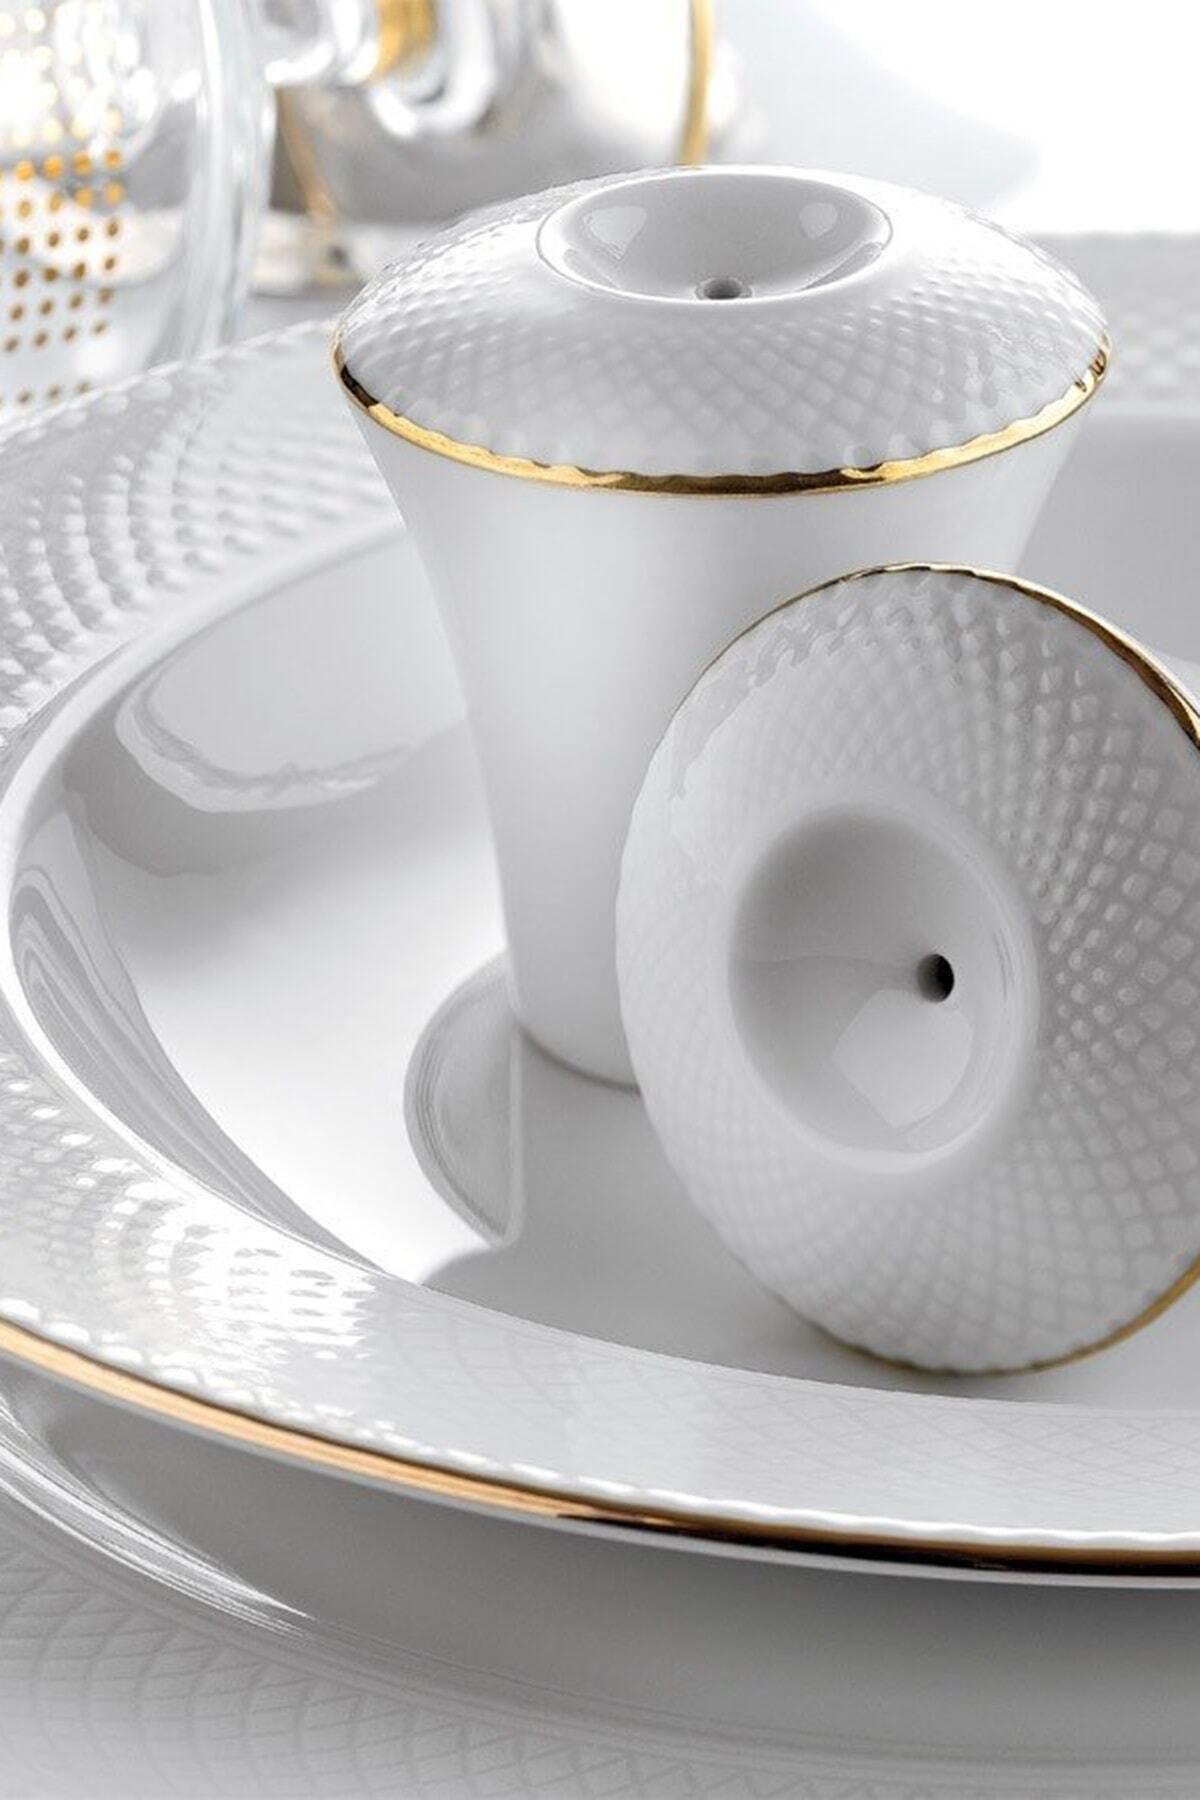 Kütahya Porselen Zümrüt 84 Parça Altın Fileli Yemek Takımı 2